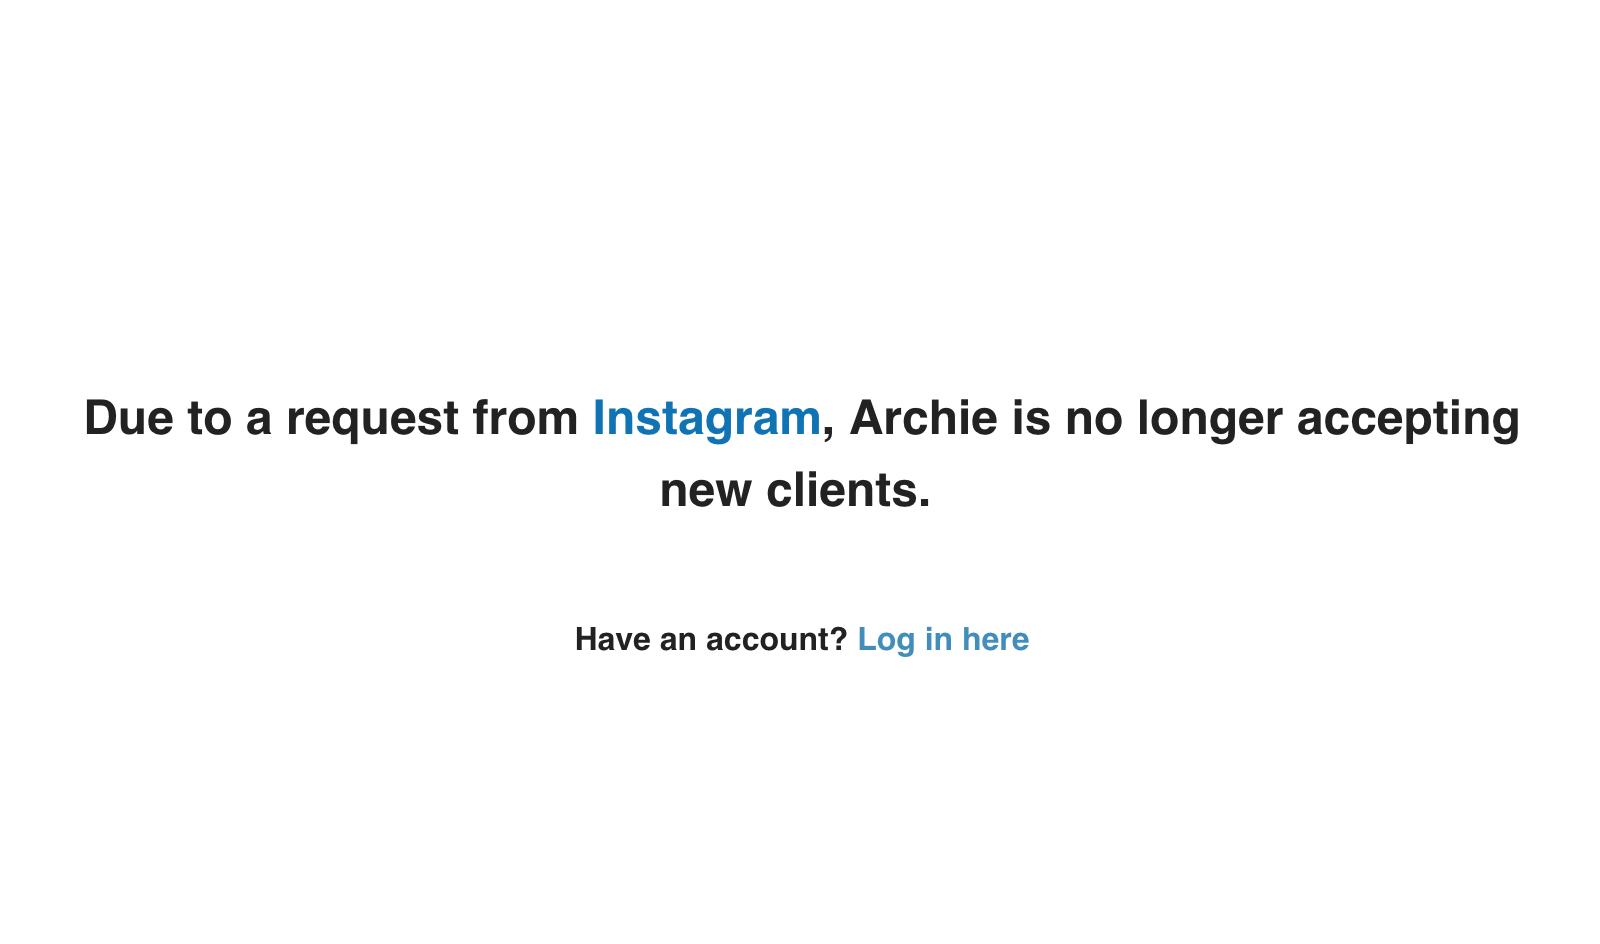 archie shut down